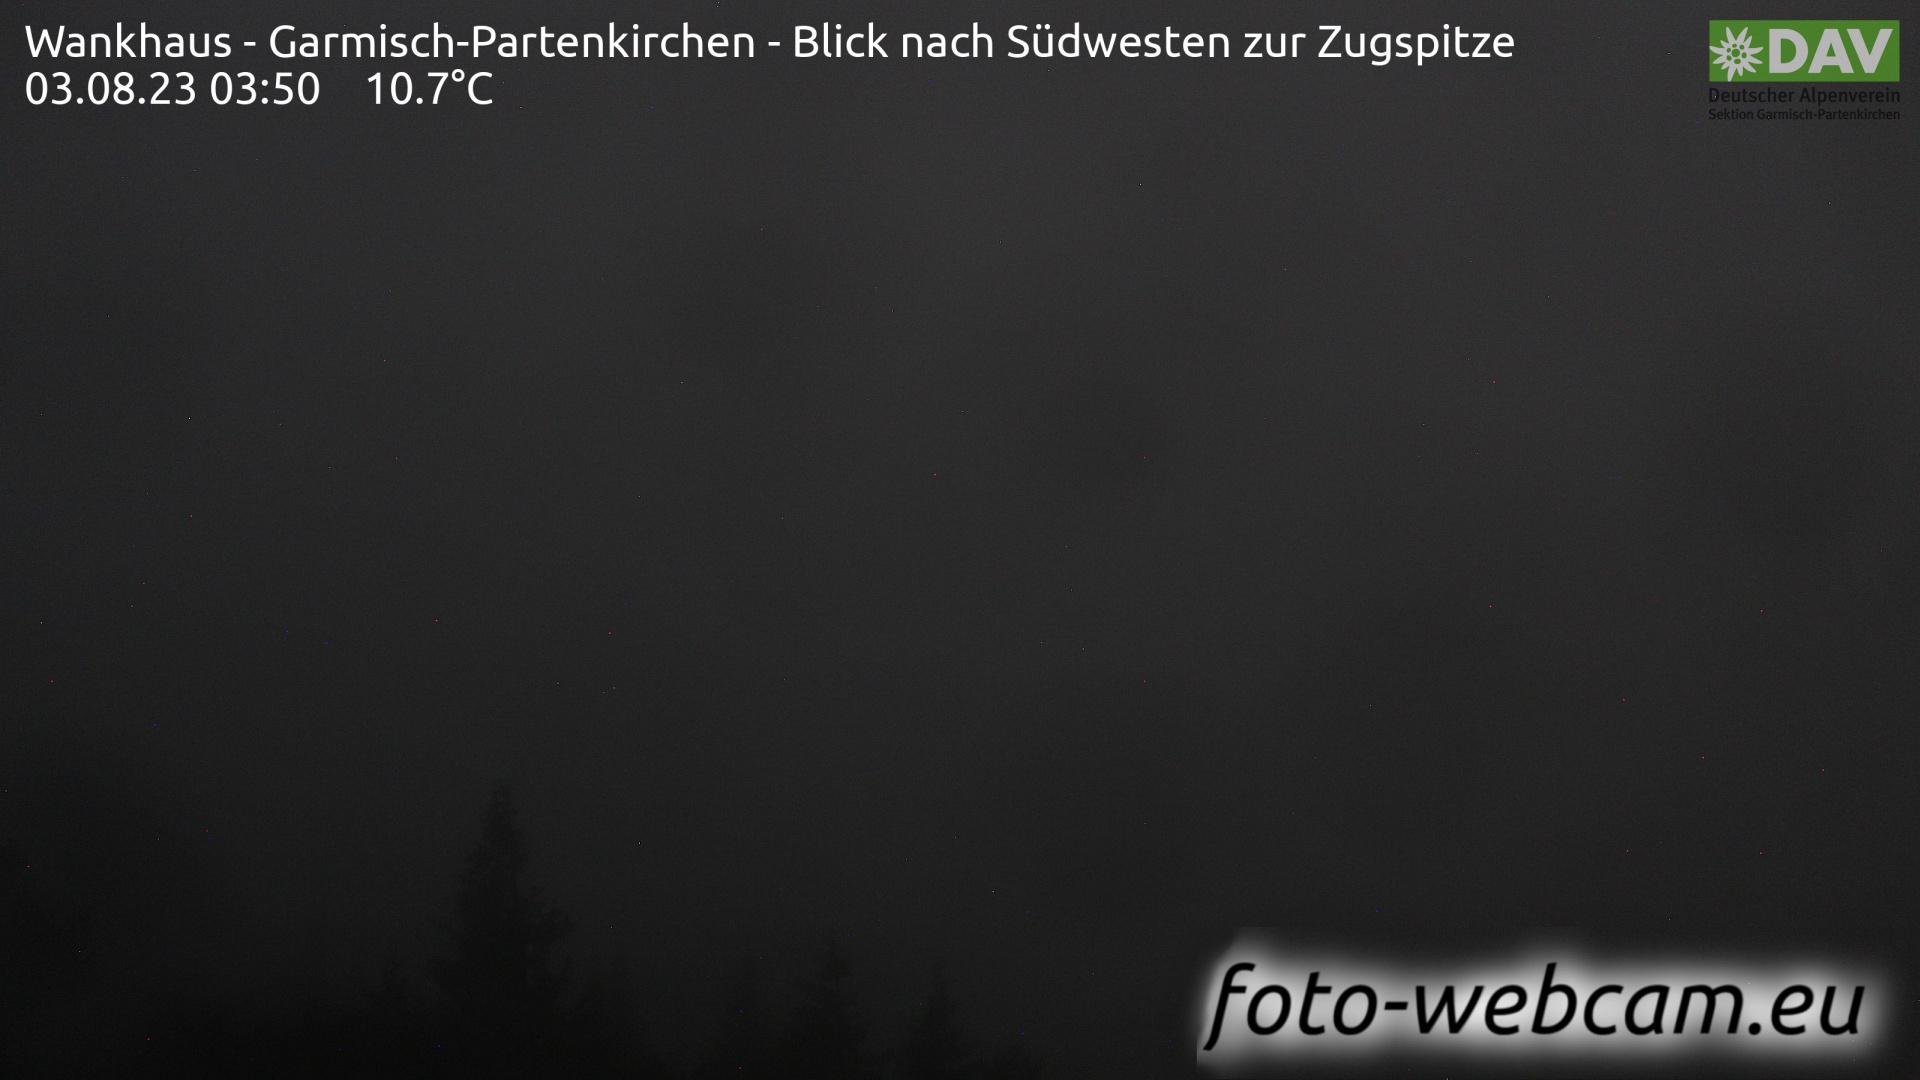 Garmisch-Partenkirchen Mon. 03:52